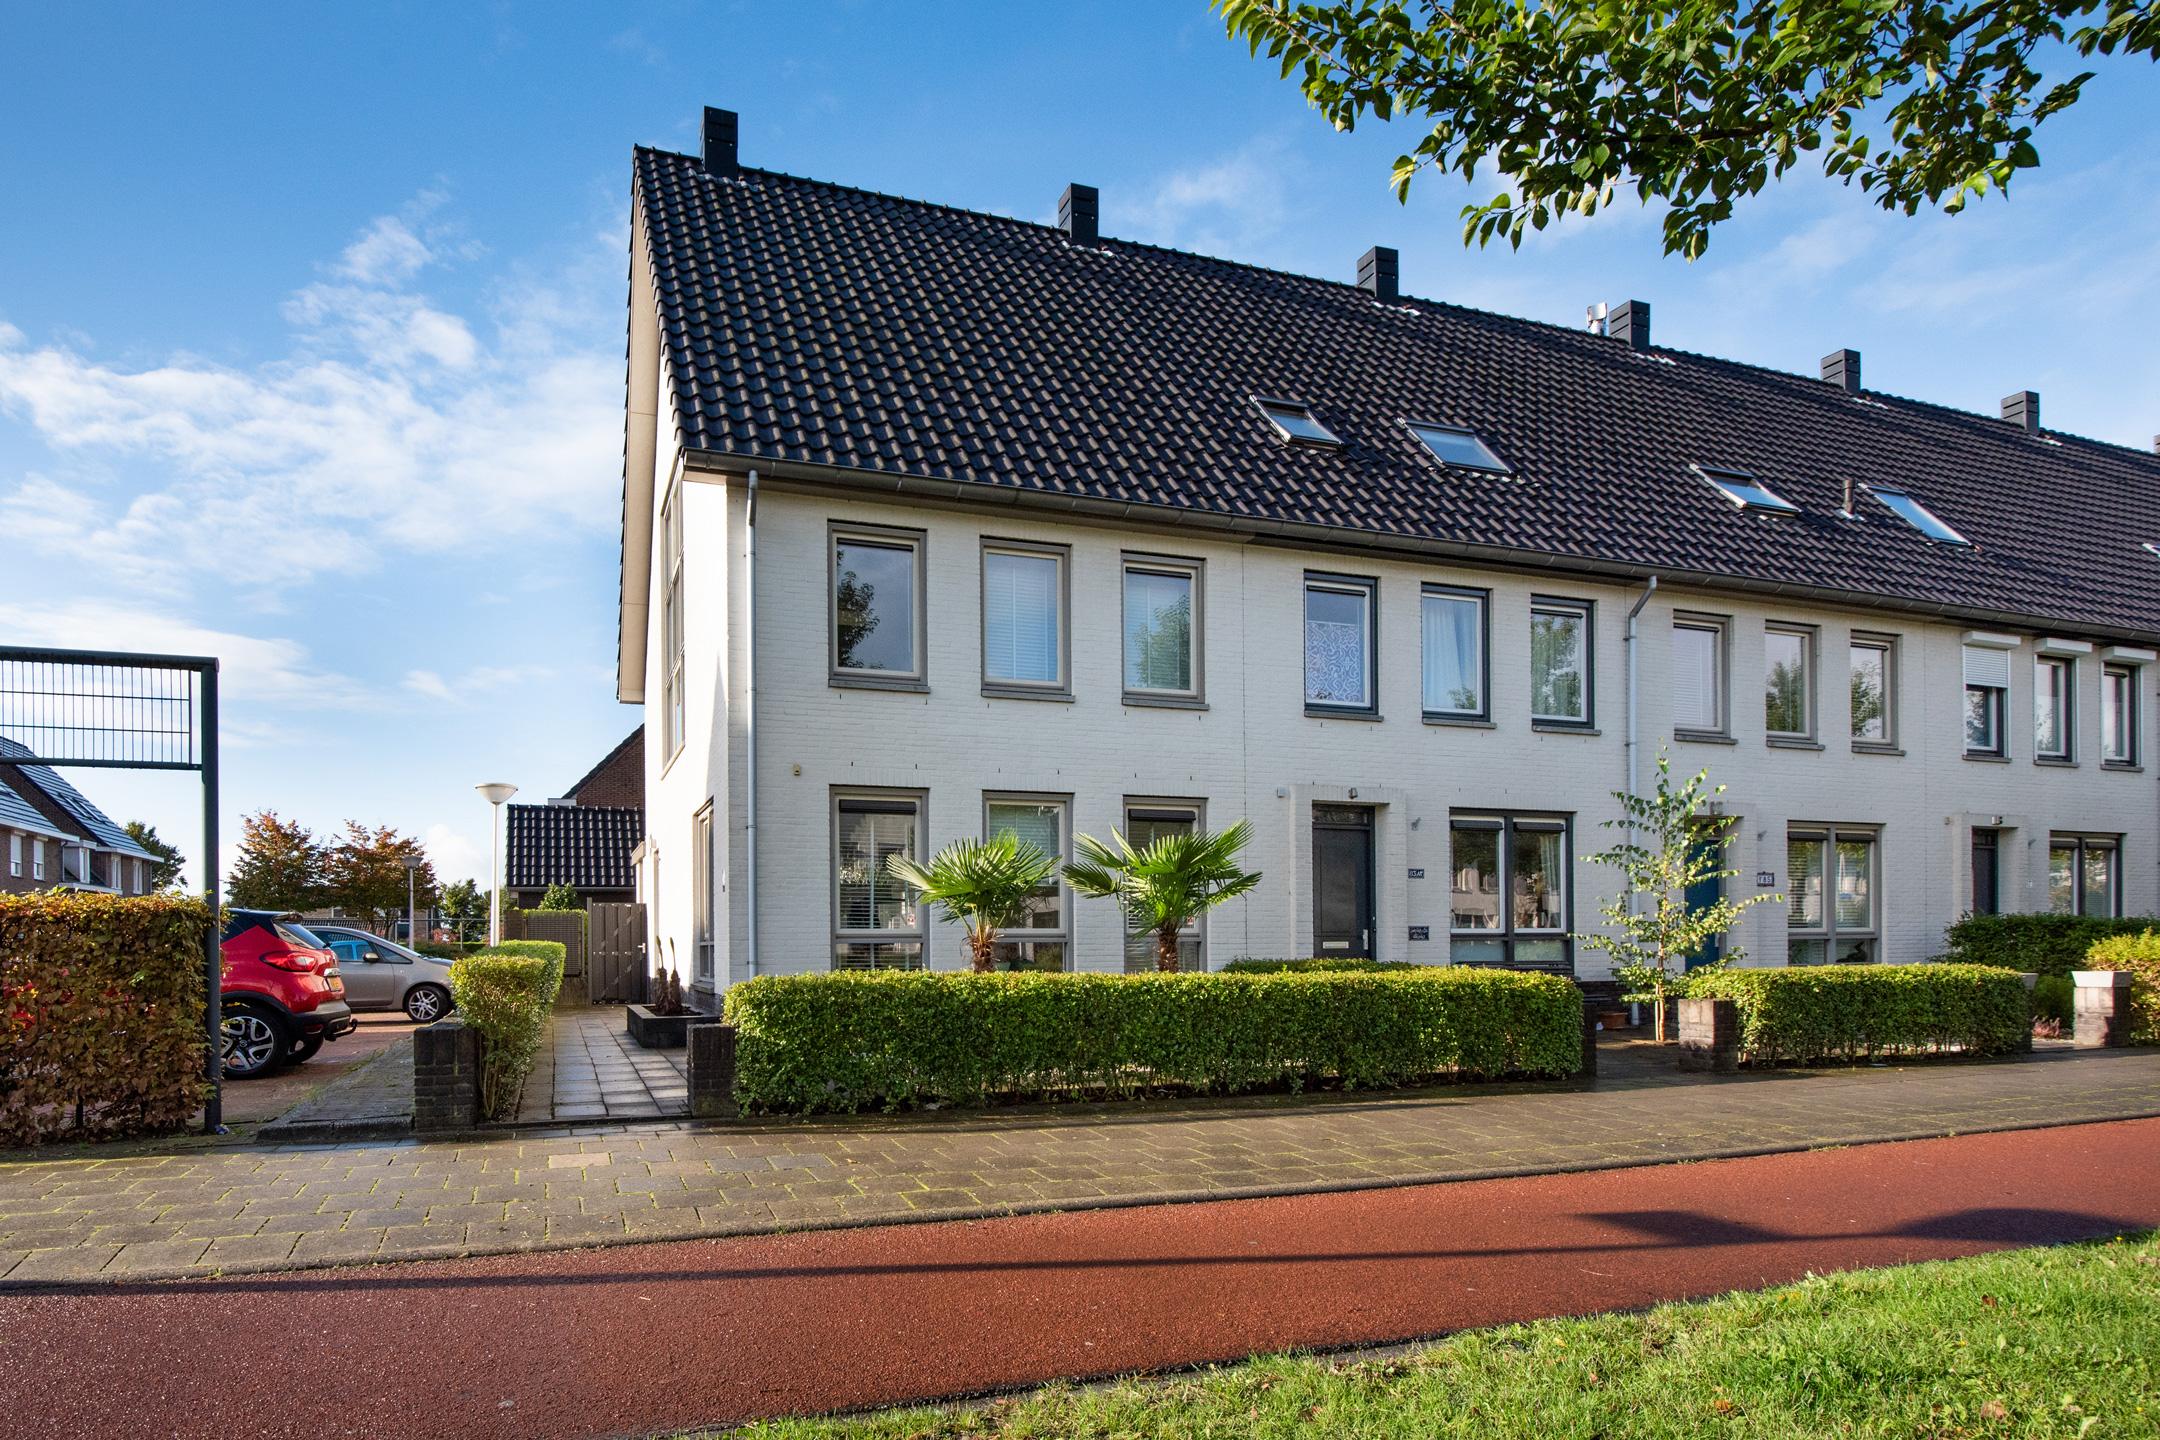 Lunshof makelaars Amstelveen en Amsterdam - Jane Addamslaan 81  Amstelveen